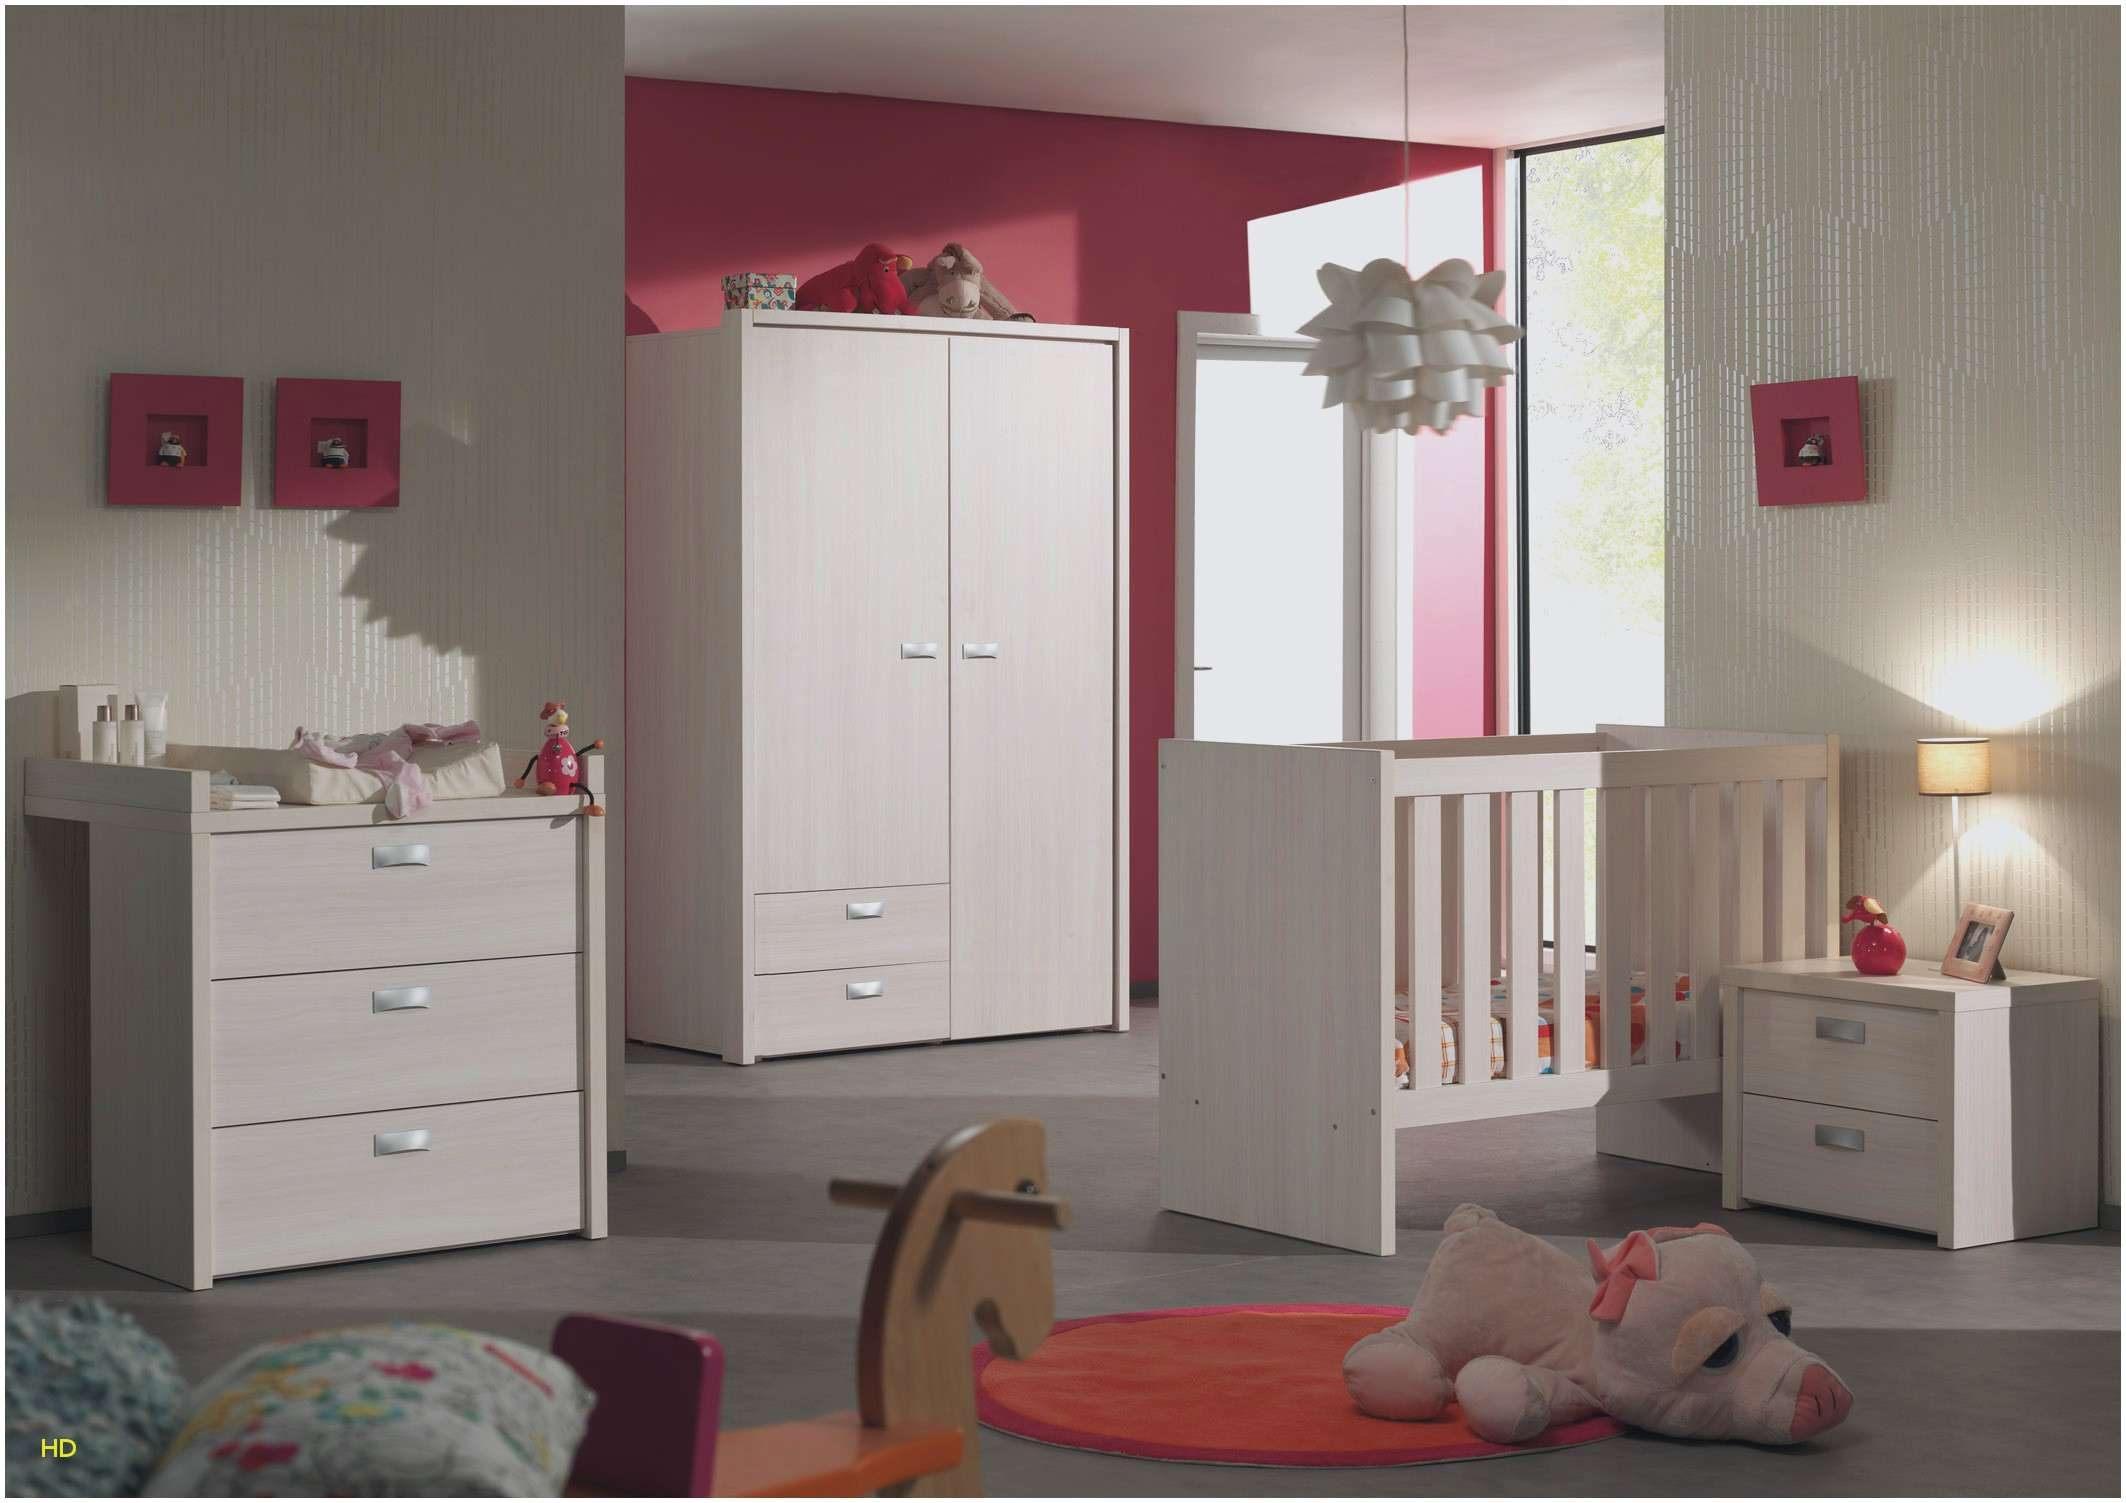 Frais Lit Mezzanine Ikea 2 Places Pour Alternative Lit Superposé